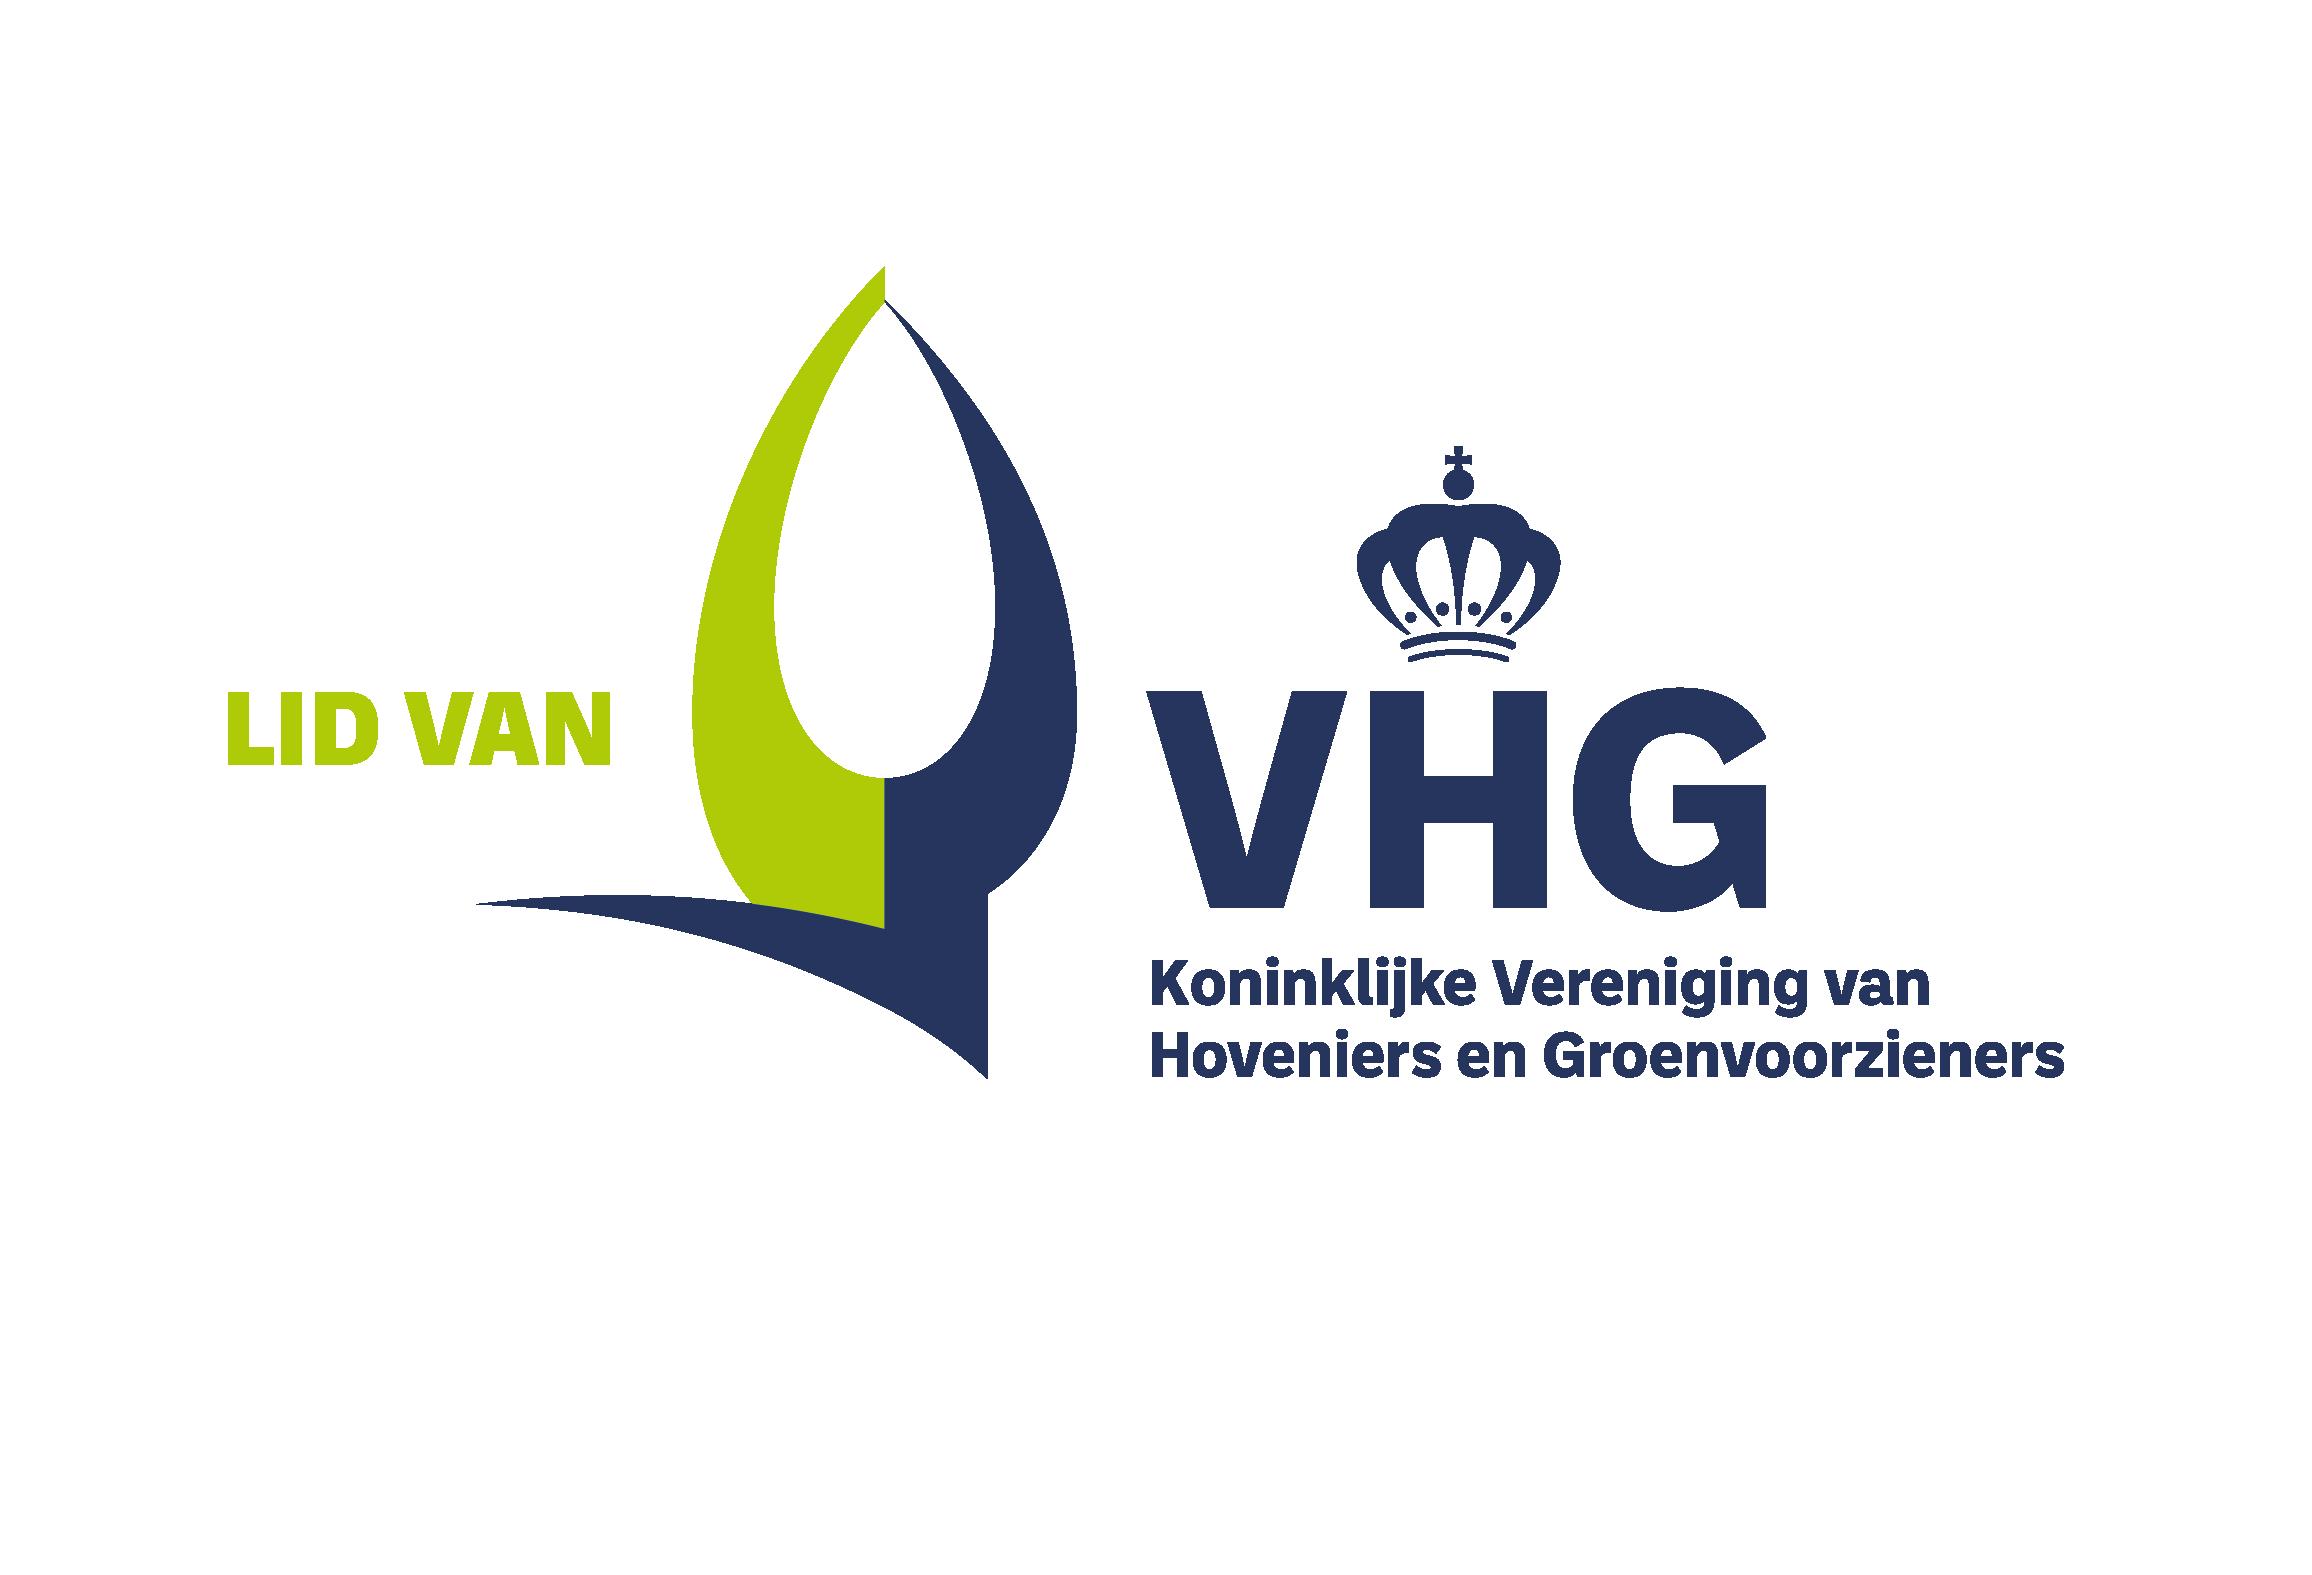 2020_0656_VHG_logo_lid_van_-_RGB